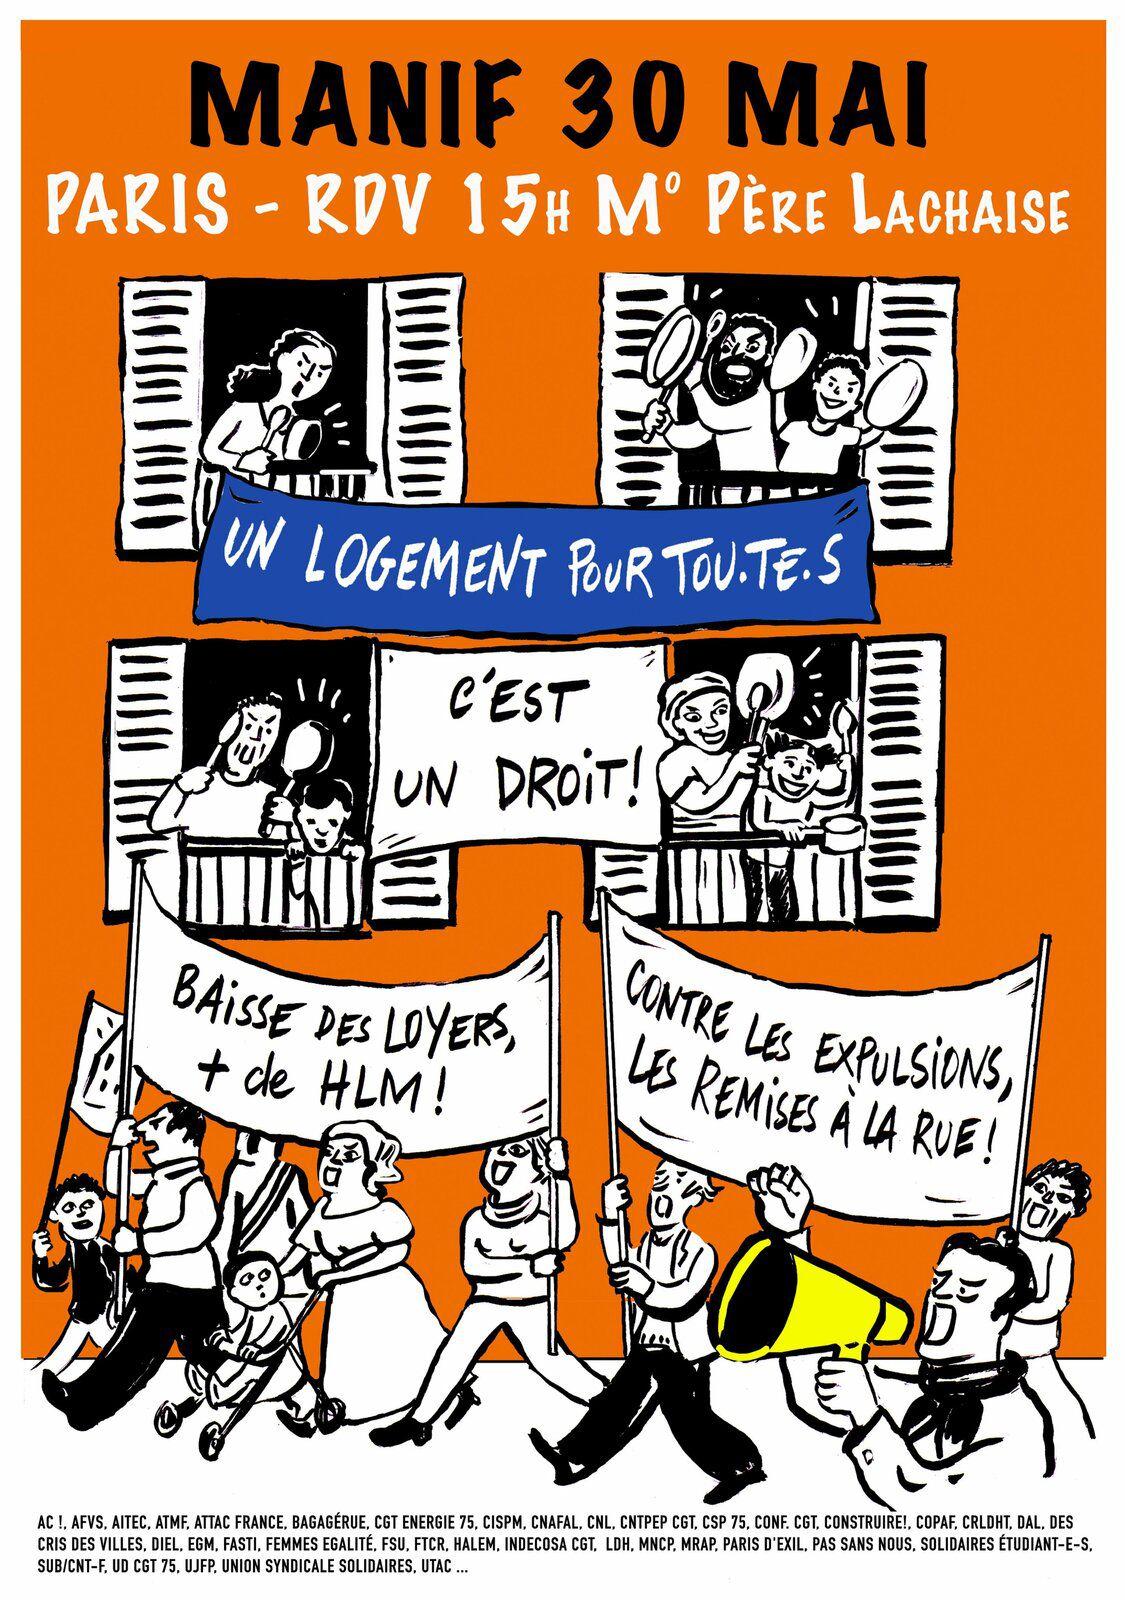 CONTRE LES EXPULSIONS, LES REMISES À LA RUE ET LE LOGEMENT CHER ! Manifestons le 29 et 30 mai